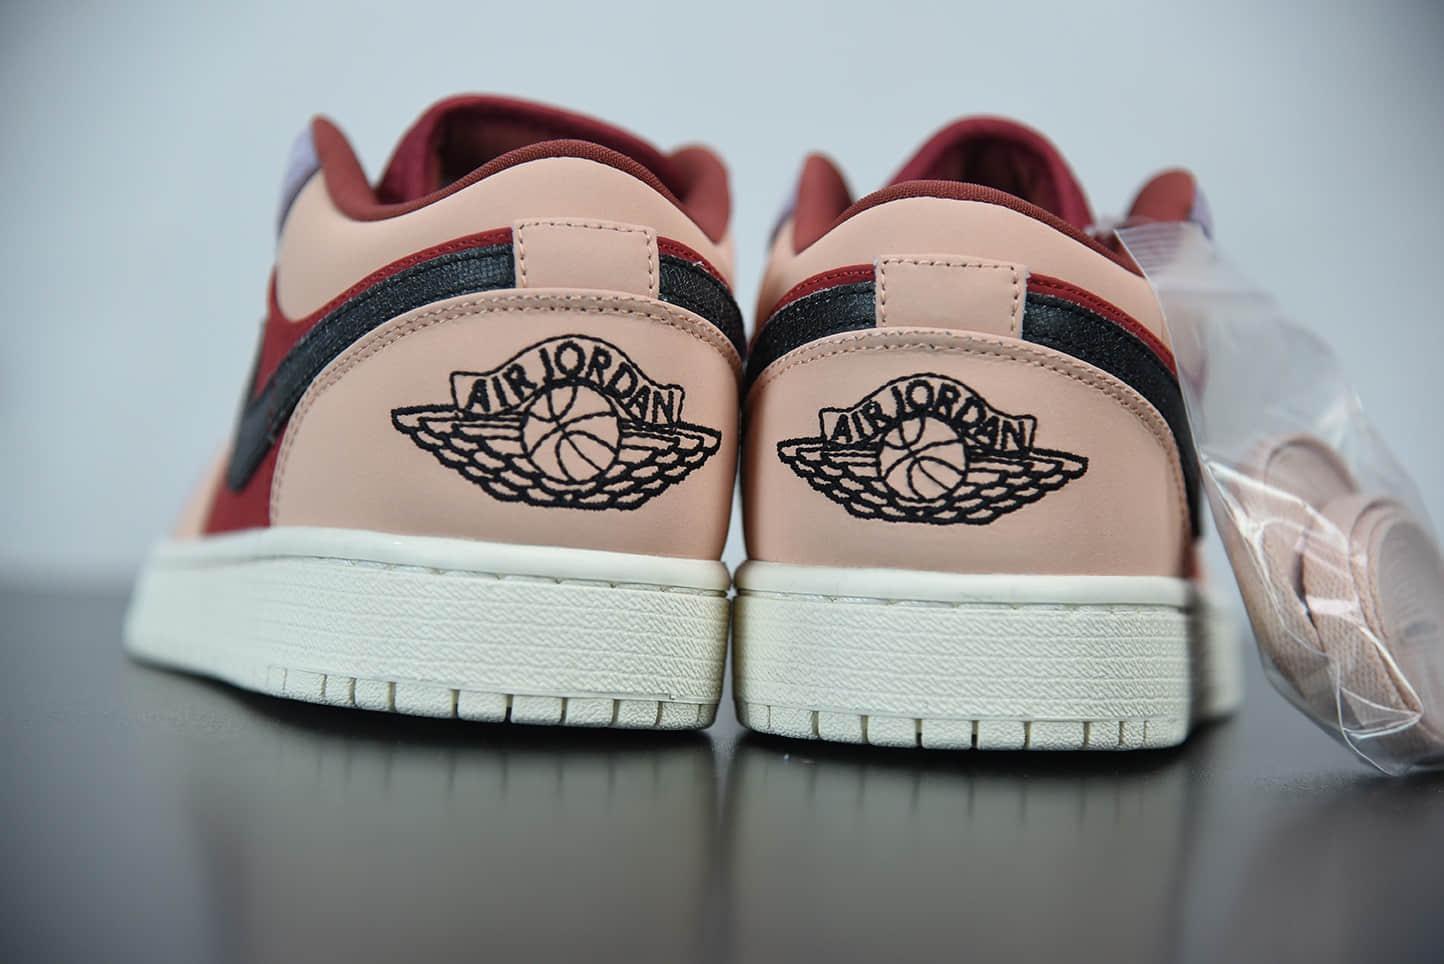 乔丹Air Jordan AJ1 Low 低帮红豆奶茶休闲文化鞋纯原版本 货号:DC0774-602